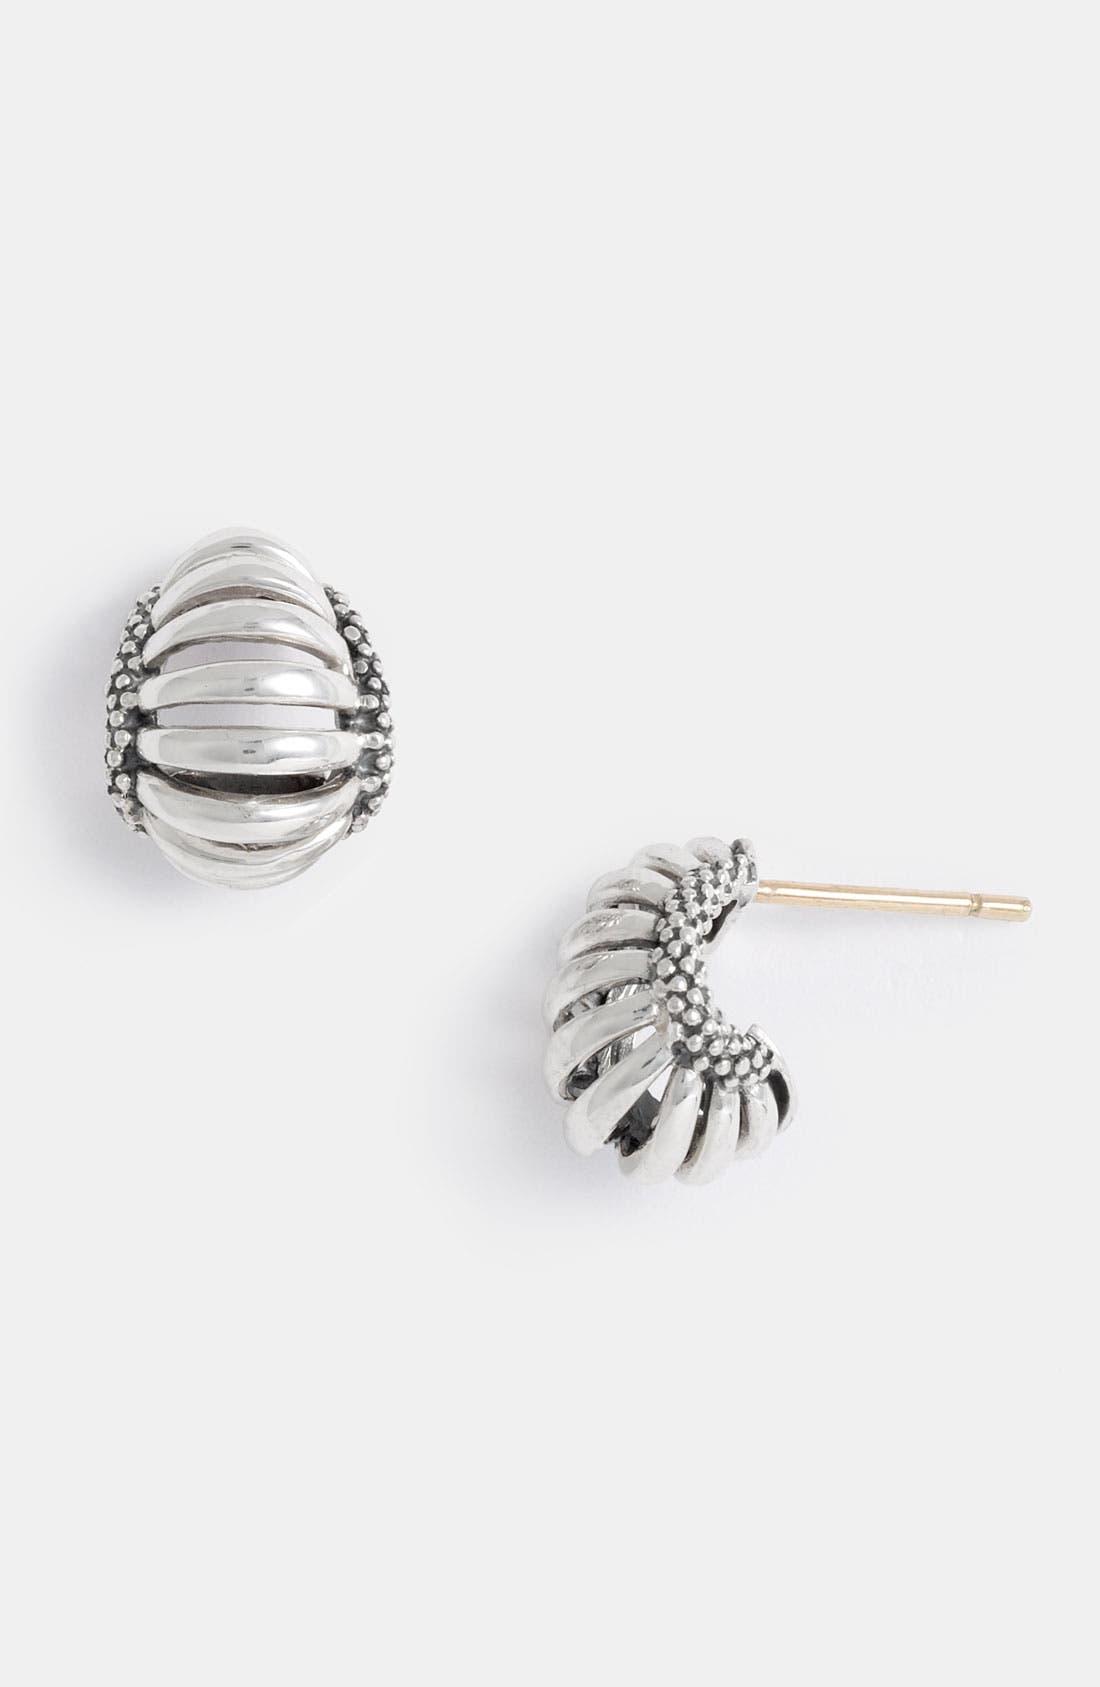 Alternate Image 1 Selected - LAGOS 'Interlude' Small Hoop Earrings